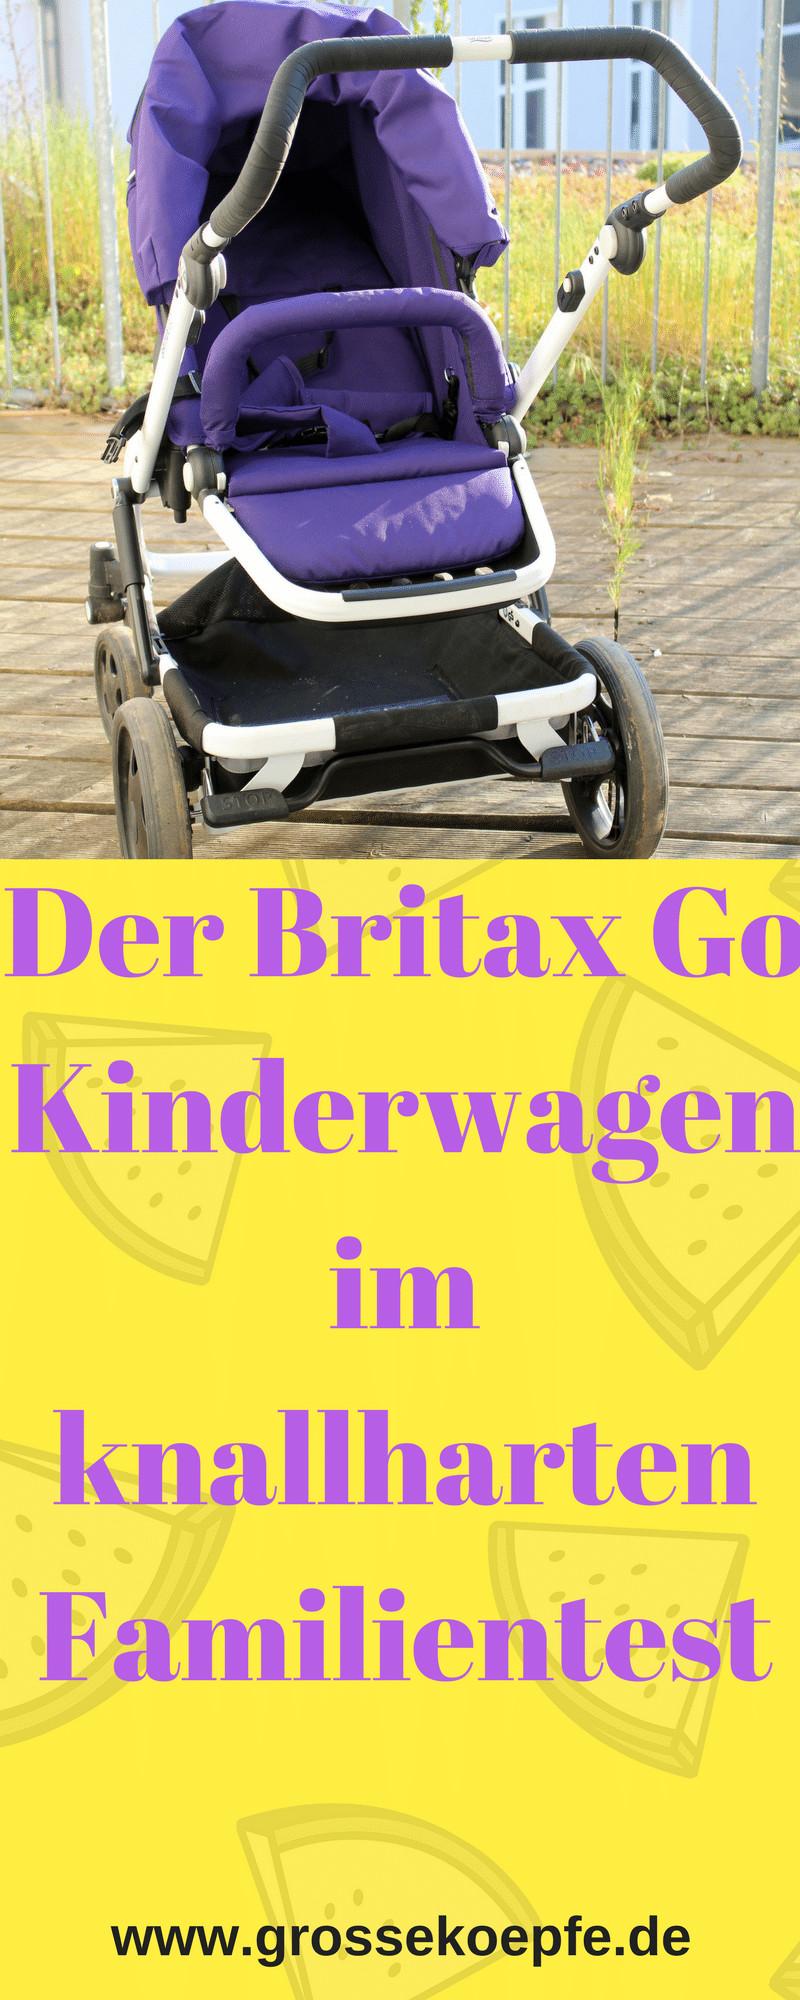 Der Britax Go Kinderwagen im Test